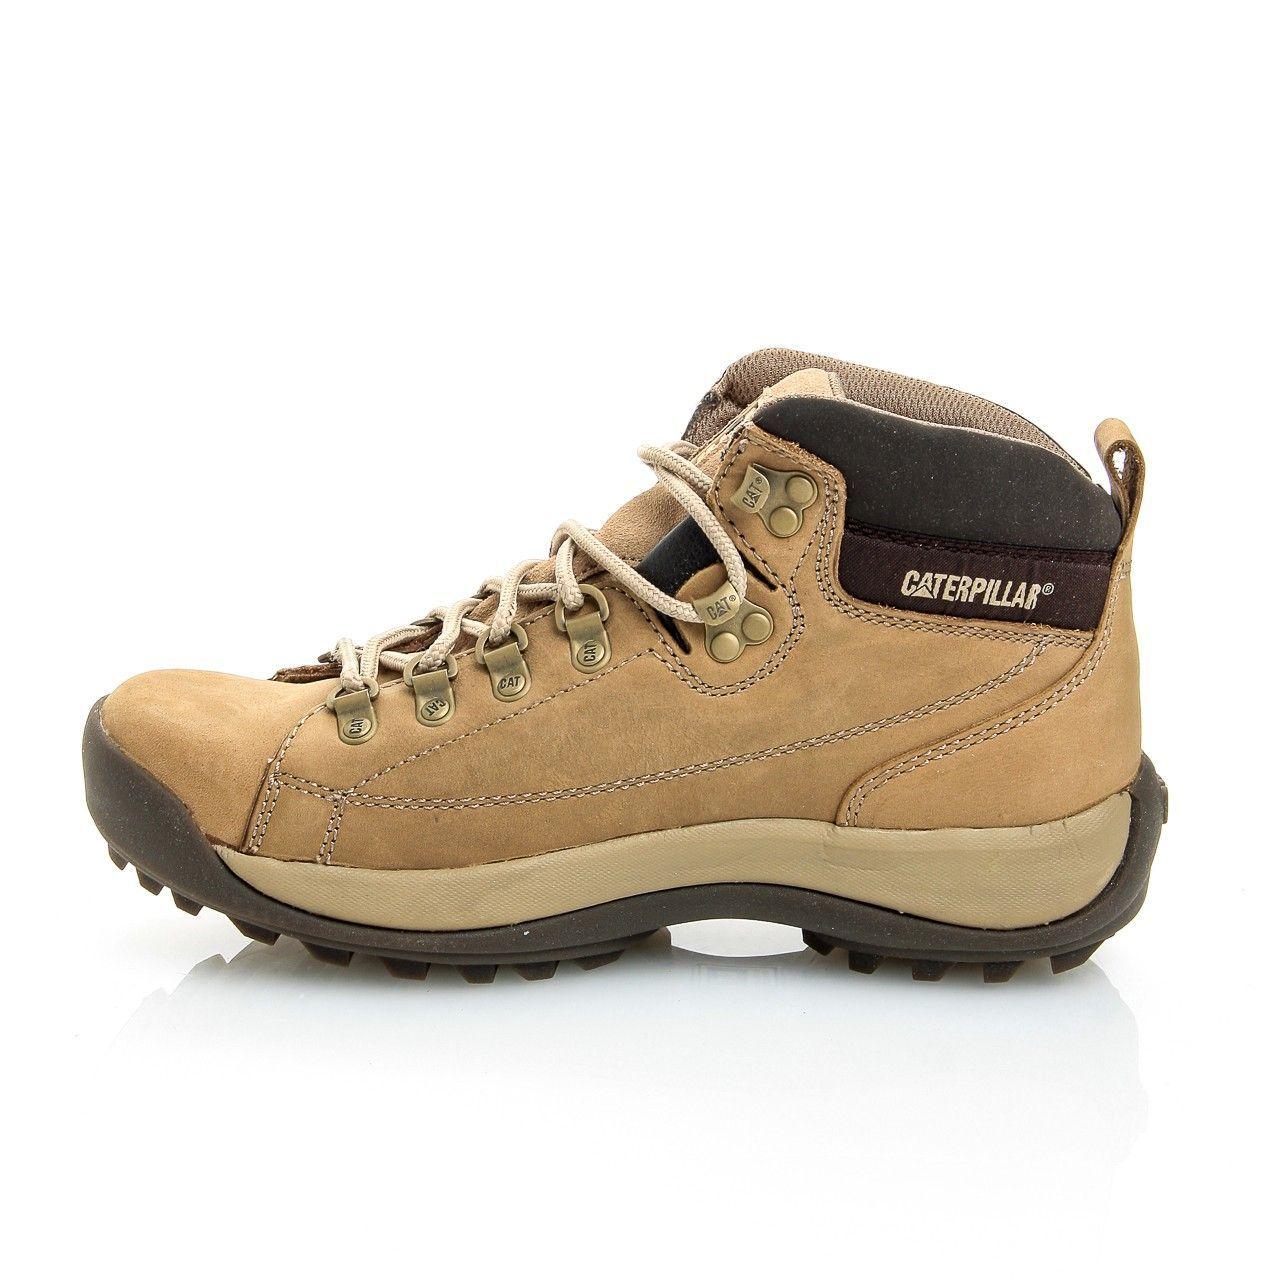 f947574c668 MODELOS DE ZAPATOS CATERPILLAR  caterpillar  modelos  modelosdezapatos   zapatos